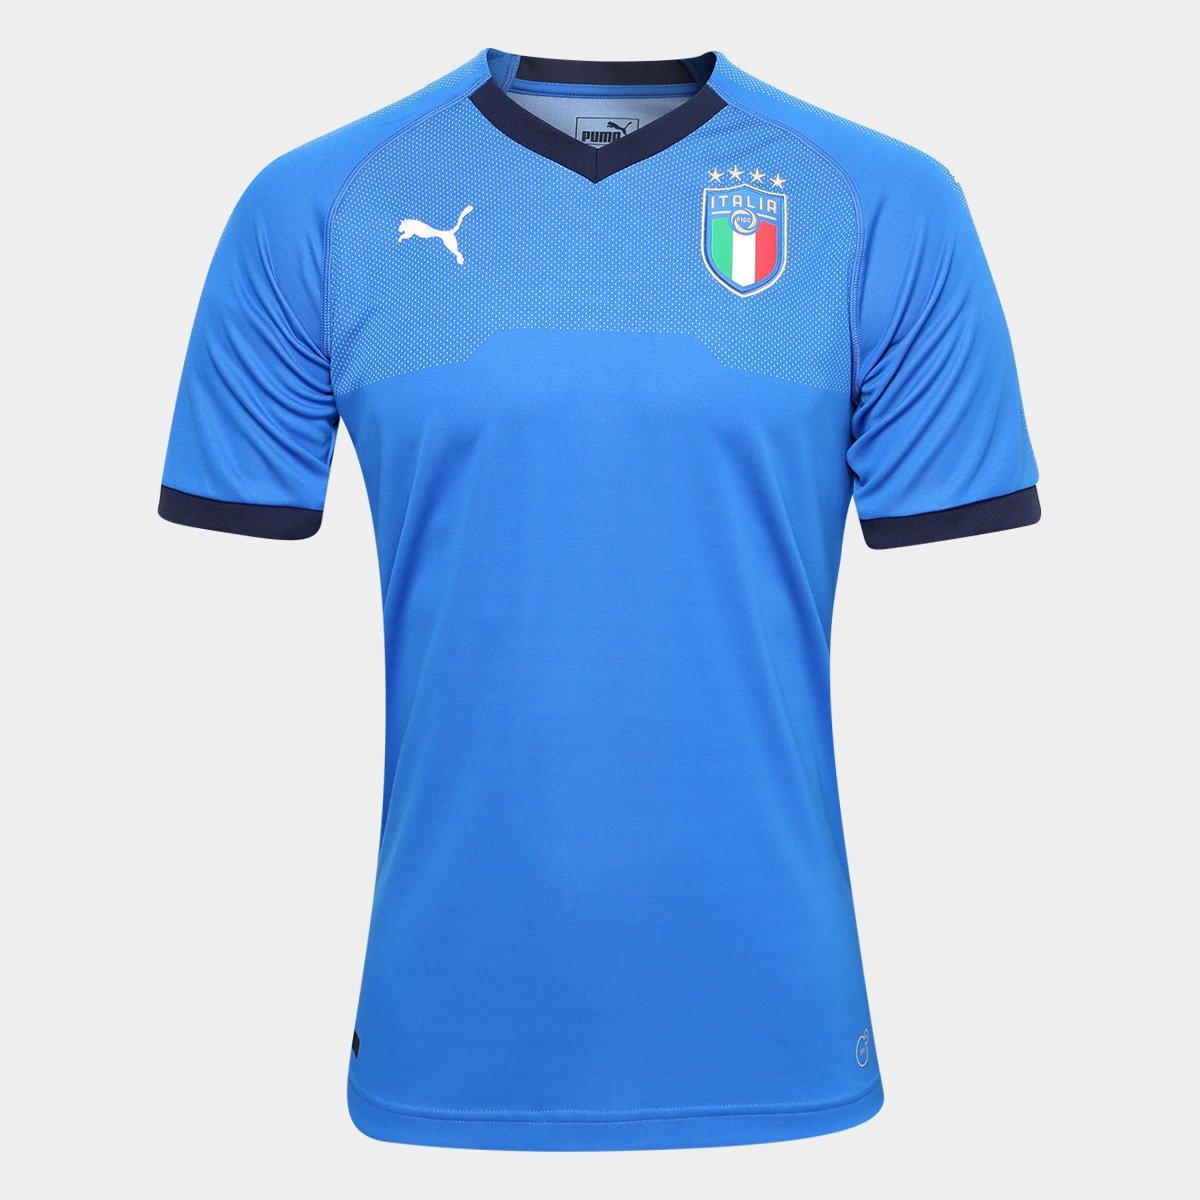 Camisa Seleção Itália Home 2018 s n° - Torcedor Puma Masculina - Compre  Agora  4893d4f48e50c